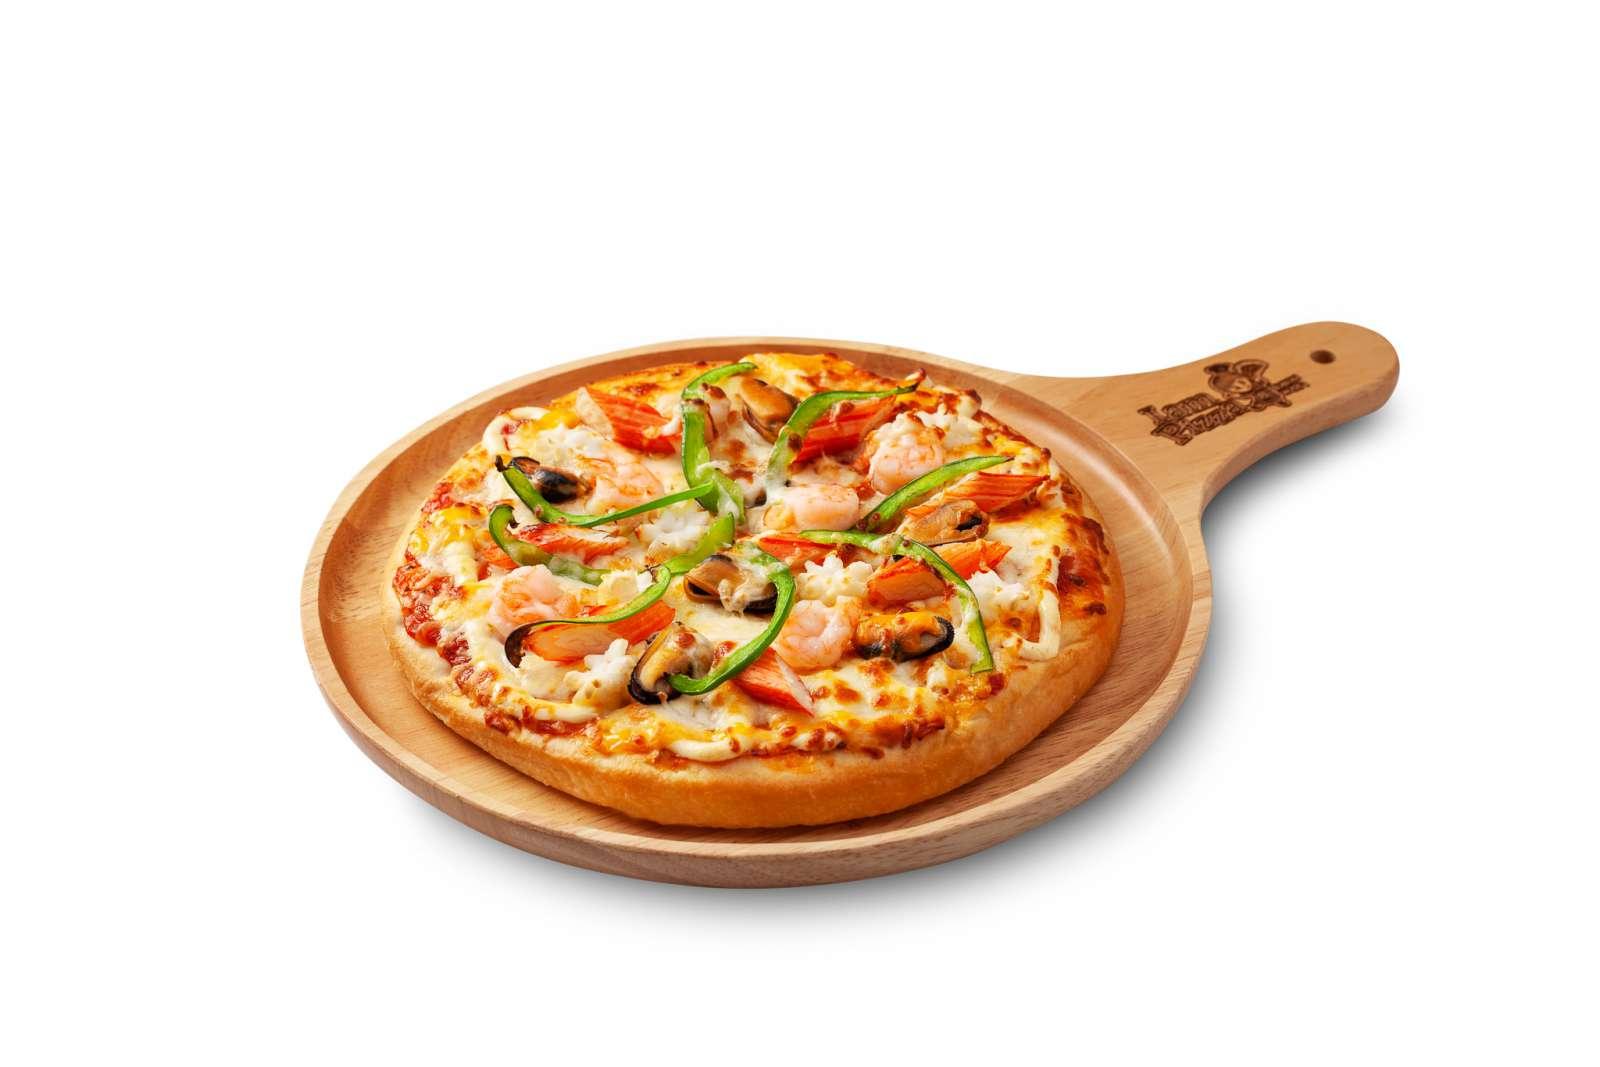 พิซซ่าหน้าซีฟู้ด (Pizza Seafood)